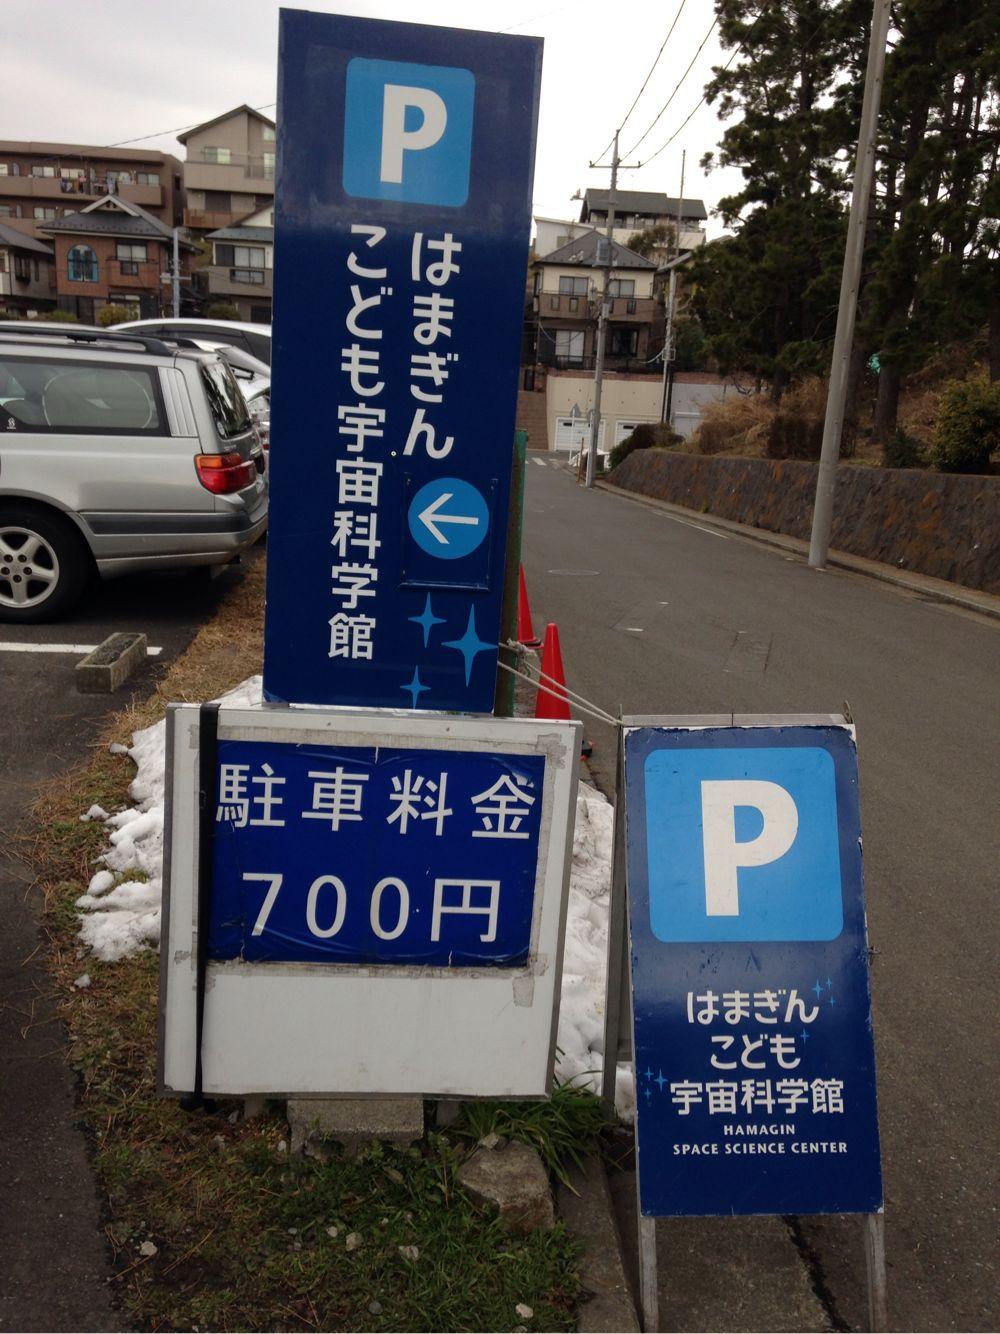 【横浜市】こども宇宙科学館は、予想以上にファンタスティックでした